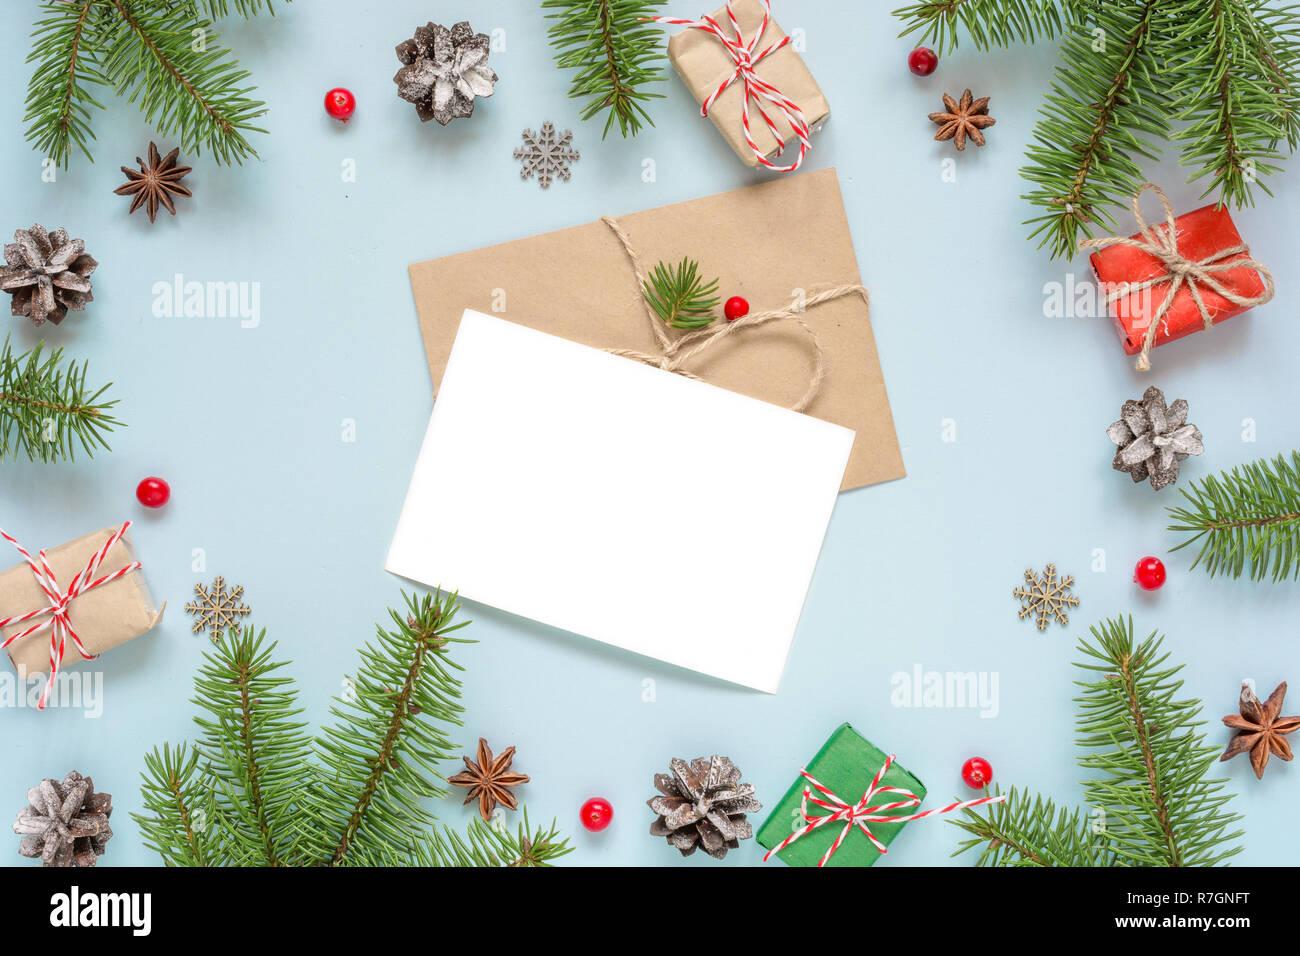 Carte De Voeux Vierge Noël Dans Cadre Fait De Branches De